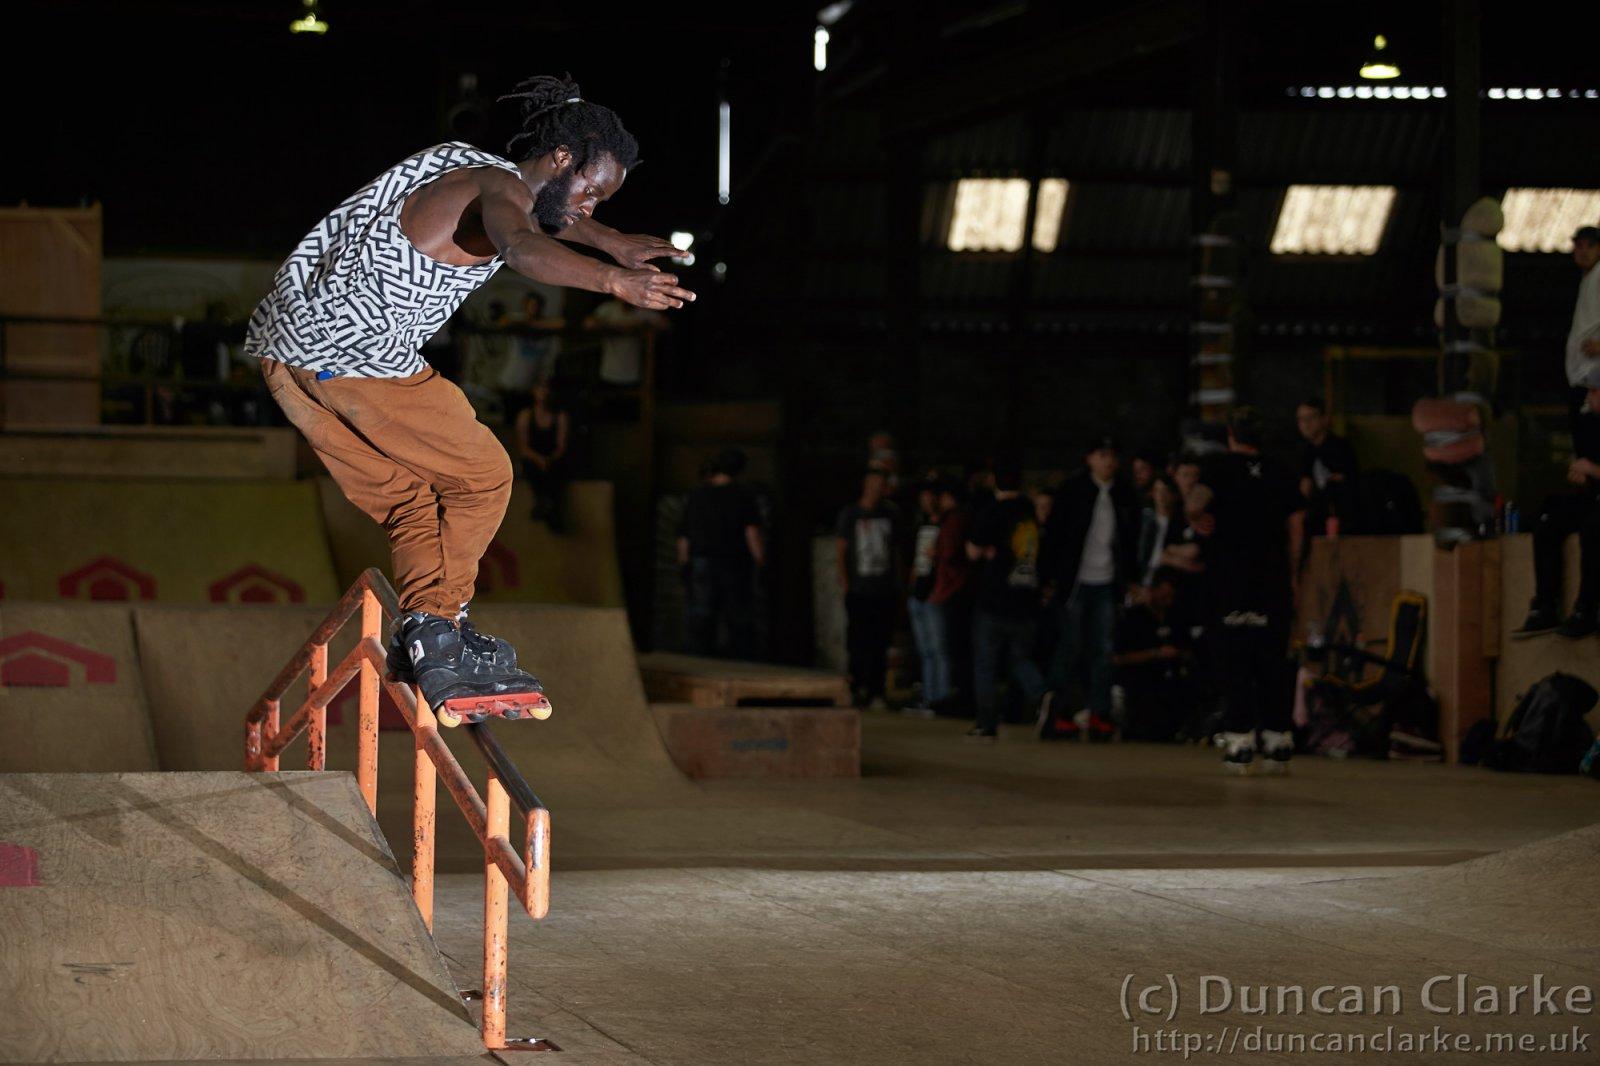 stephen swain skater